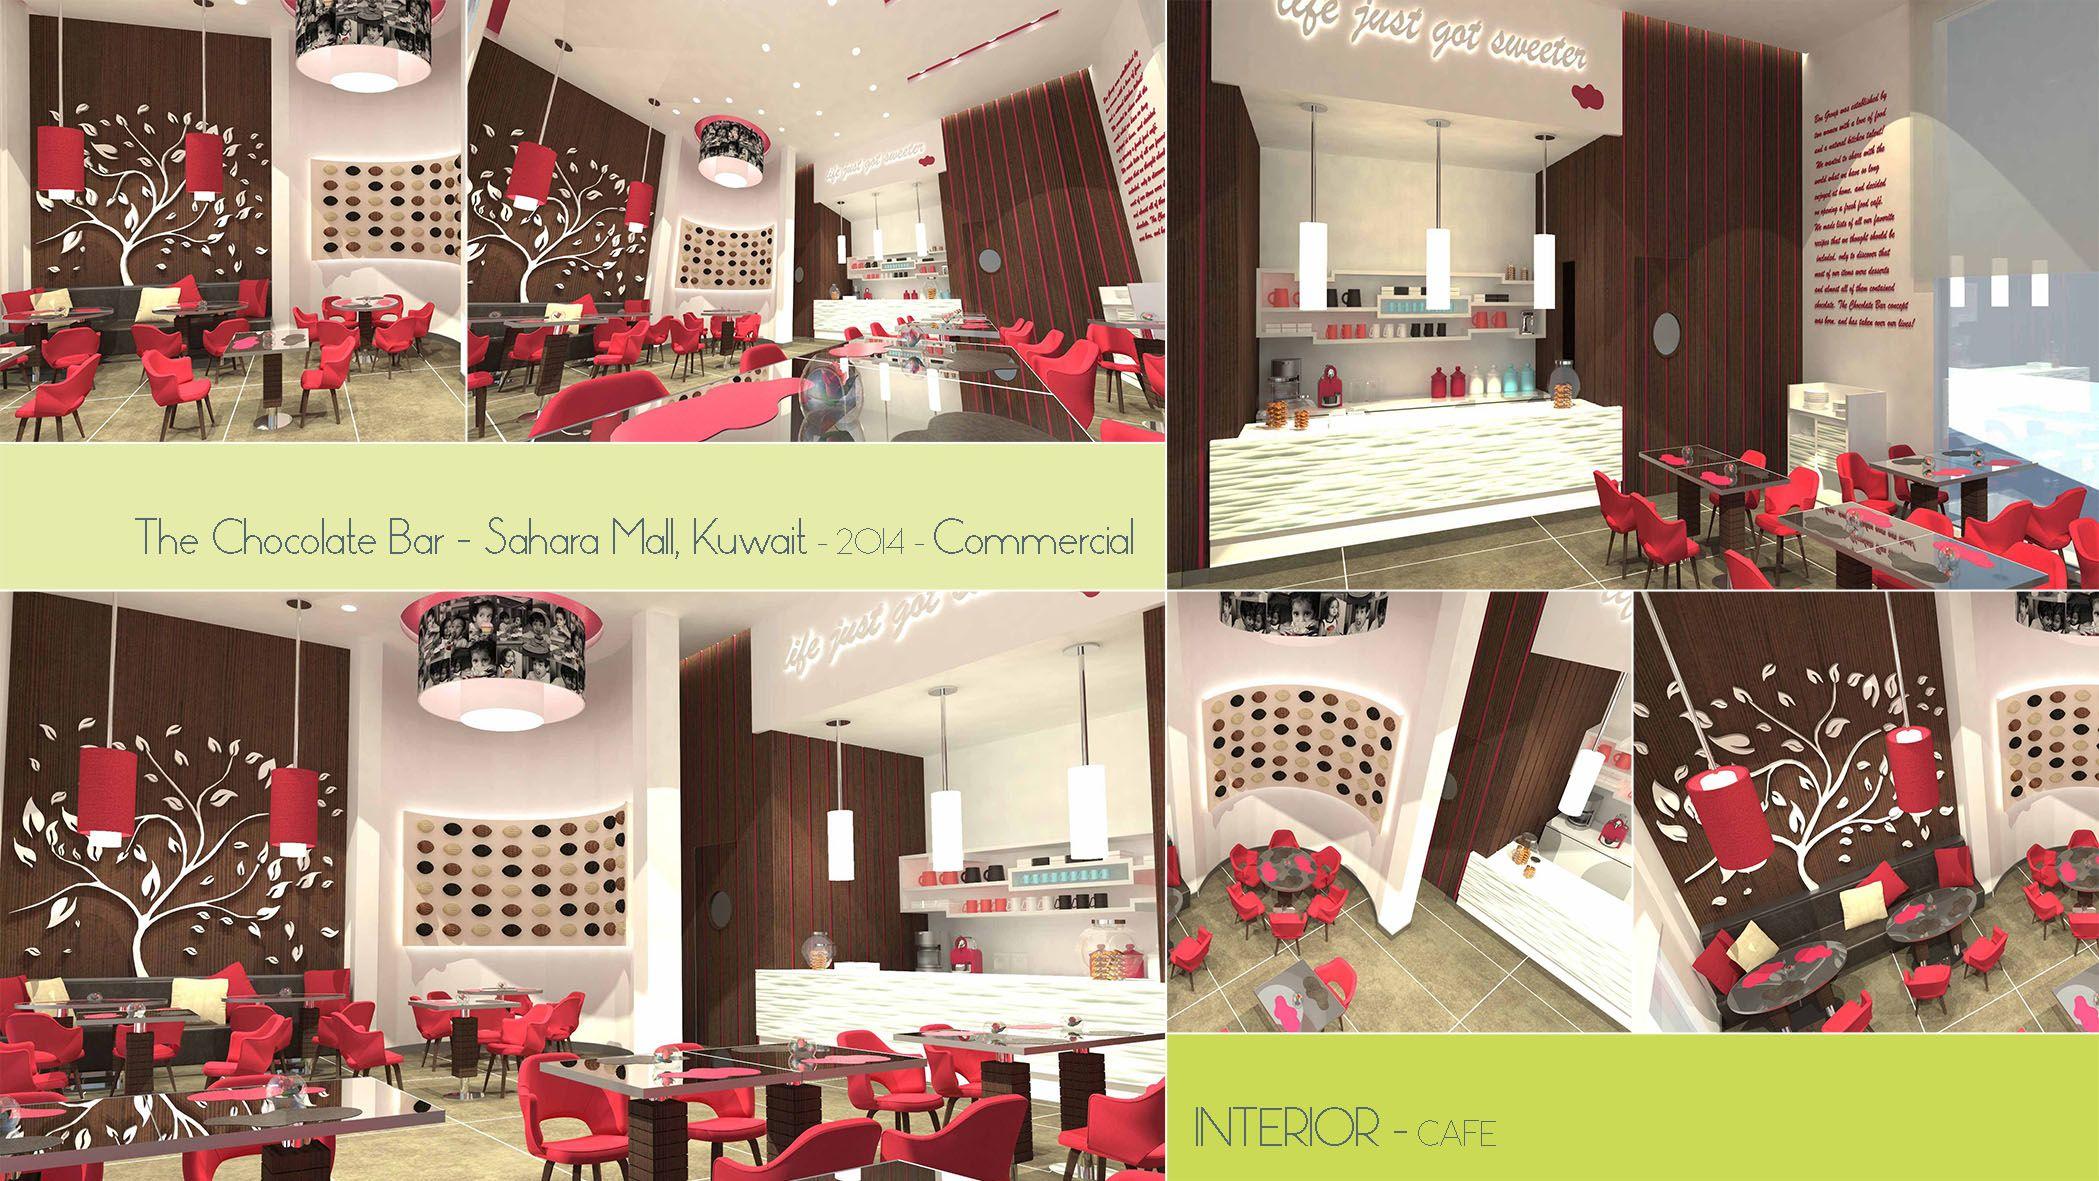 The Chocolate Bar - Sahara Mall, Kuwait, 2014 - The chocolate bar ...